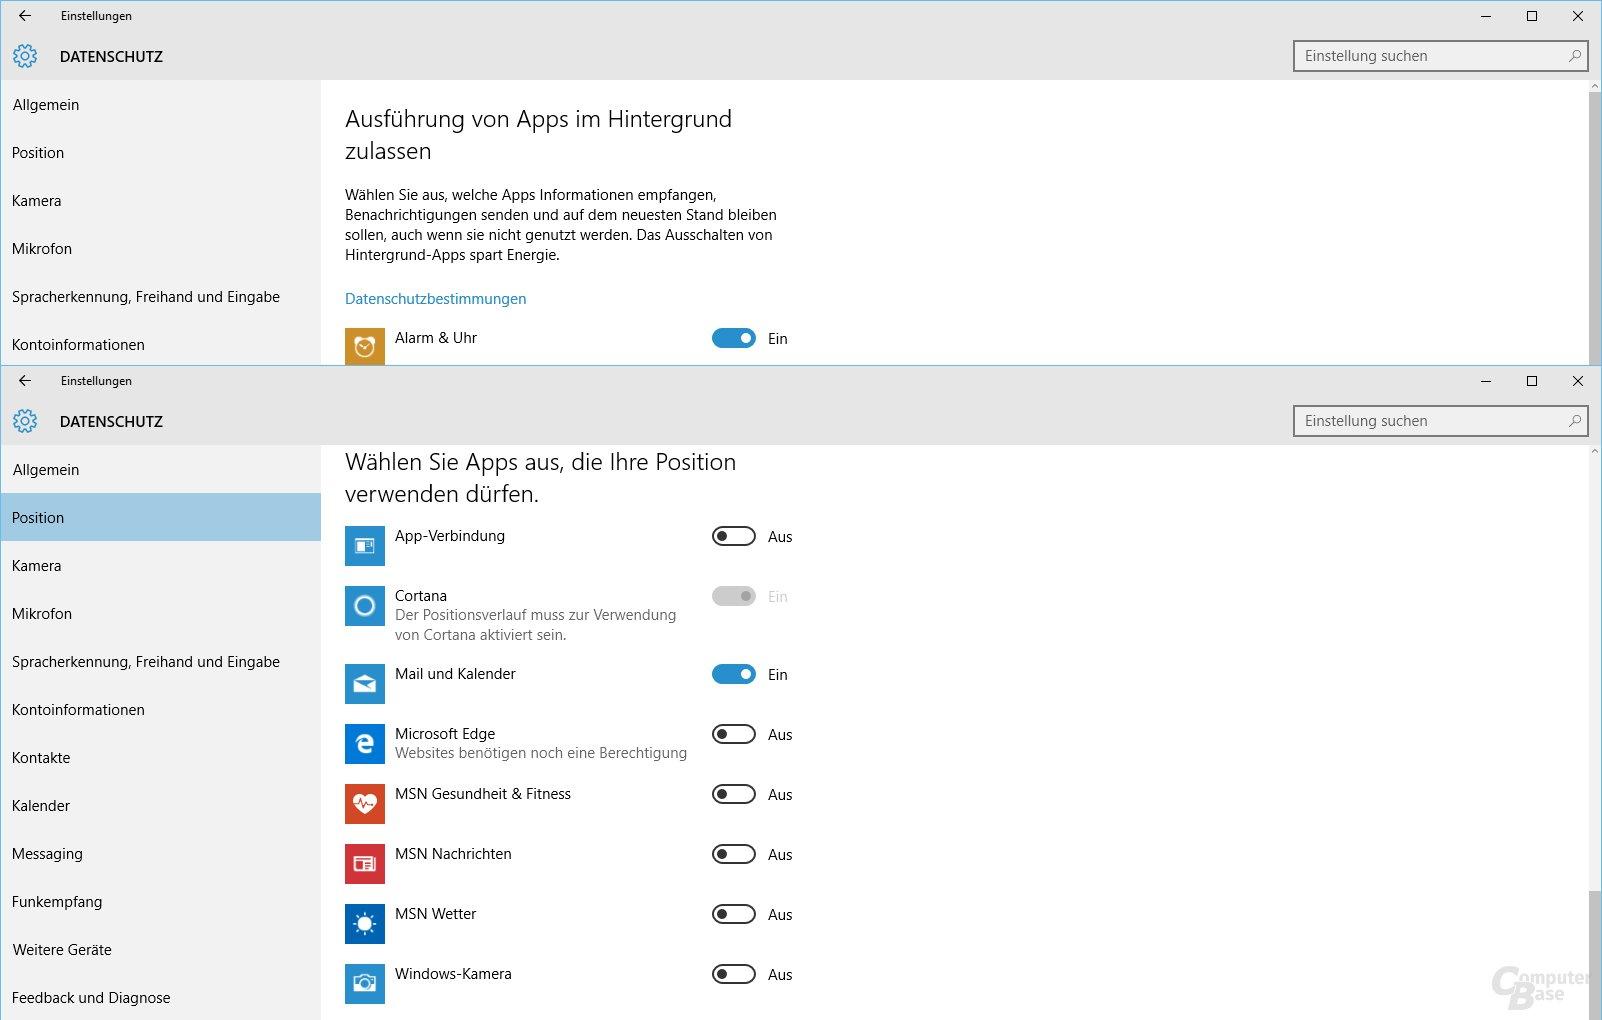 Datenschutz bei Windows 10: Ortungsdienst separat für Apps